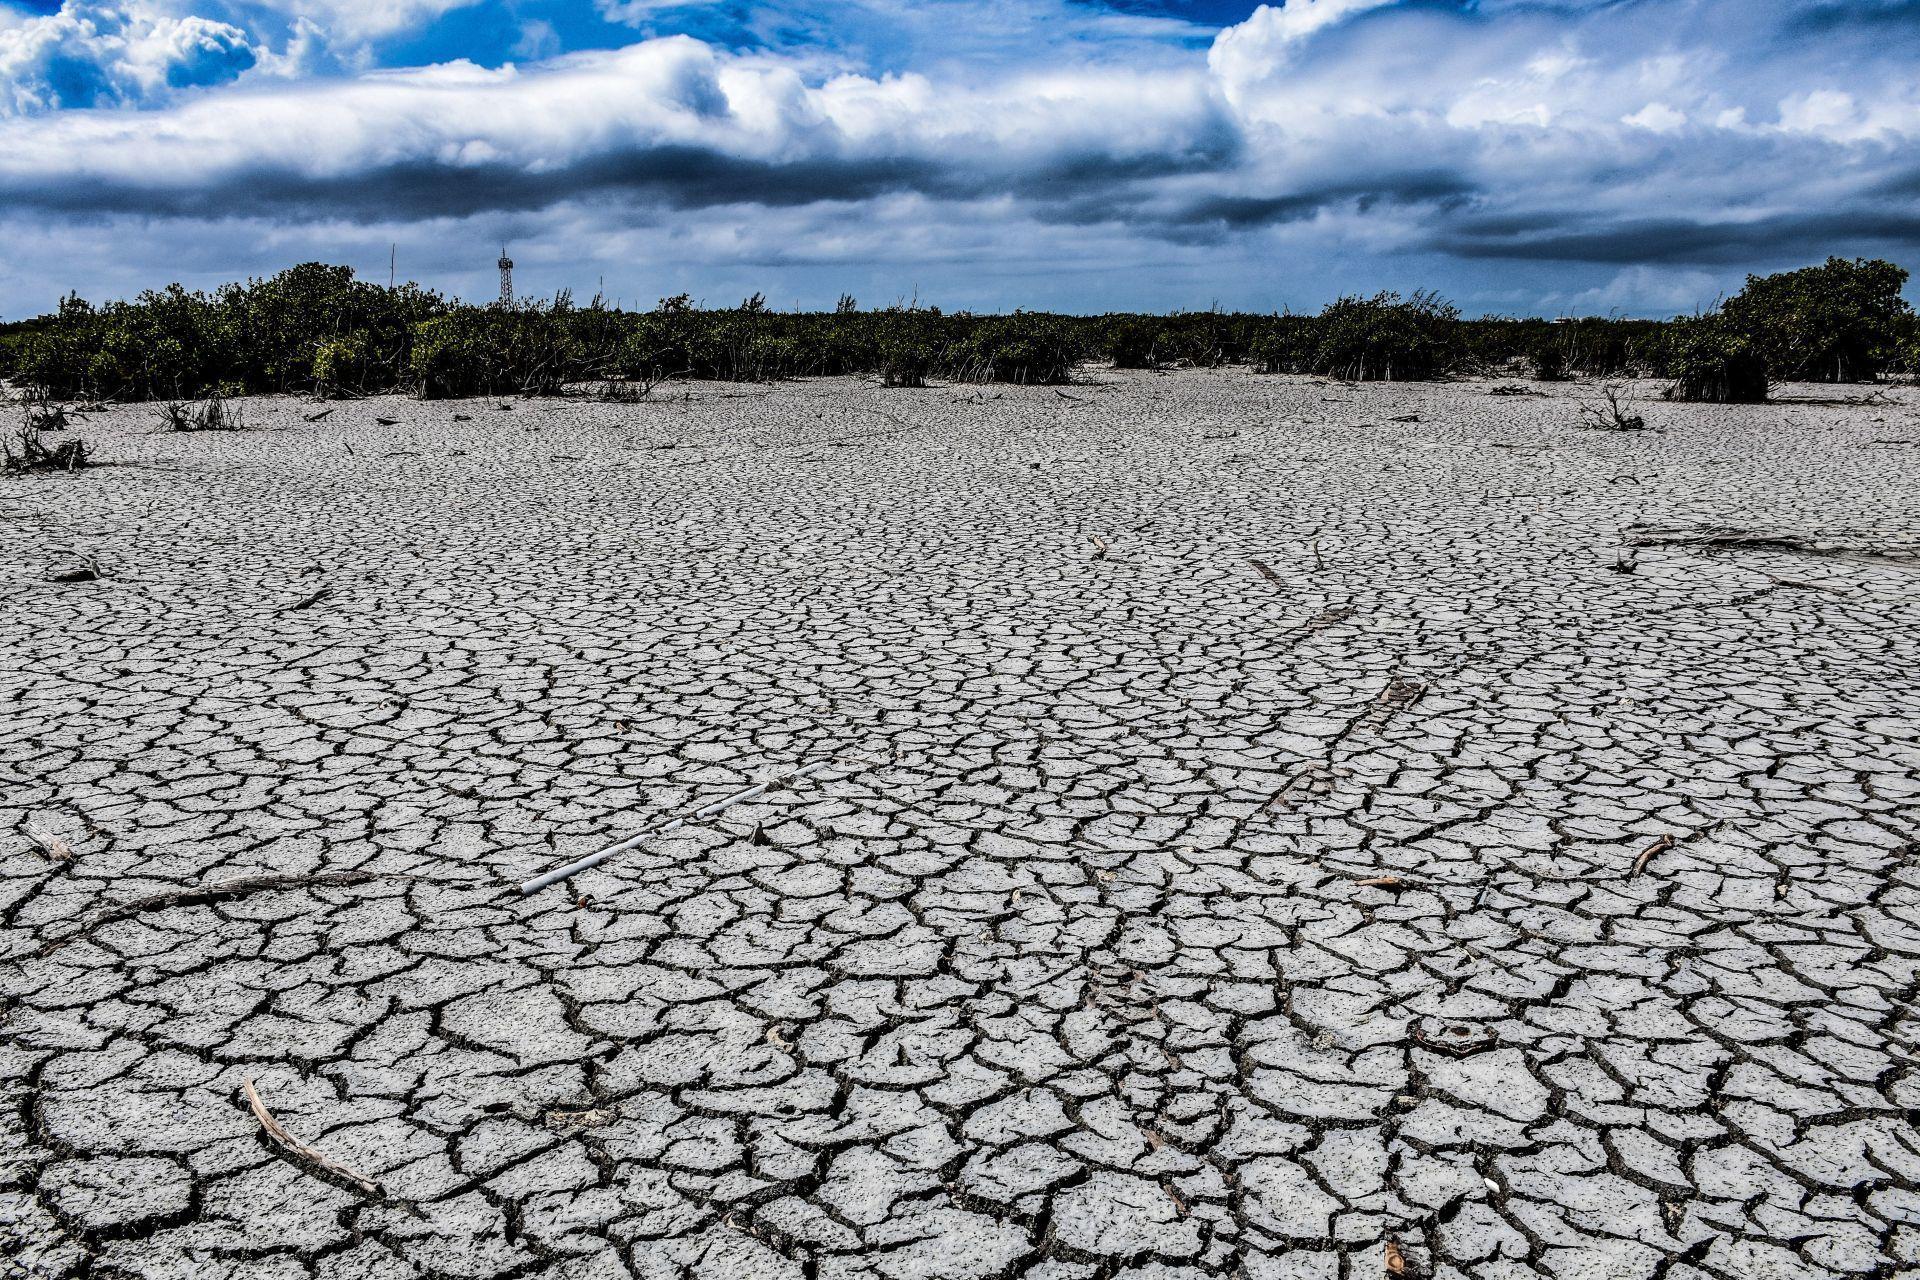 La sequía en México - 19042021